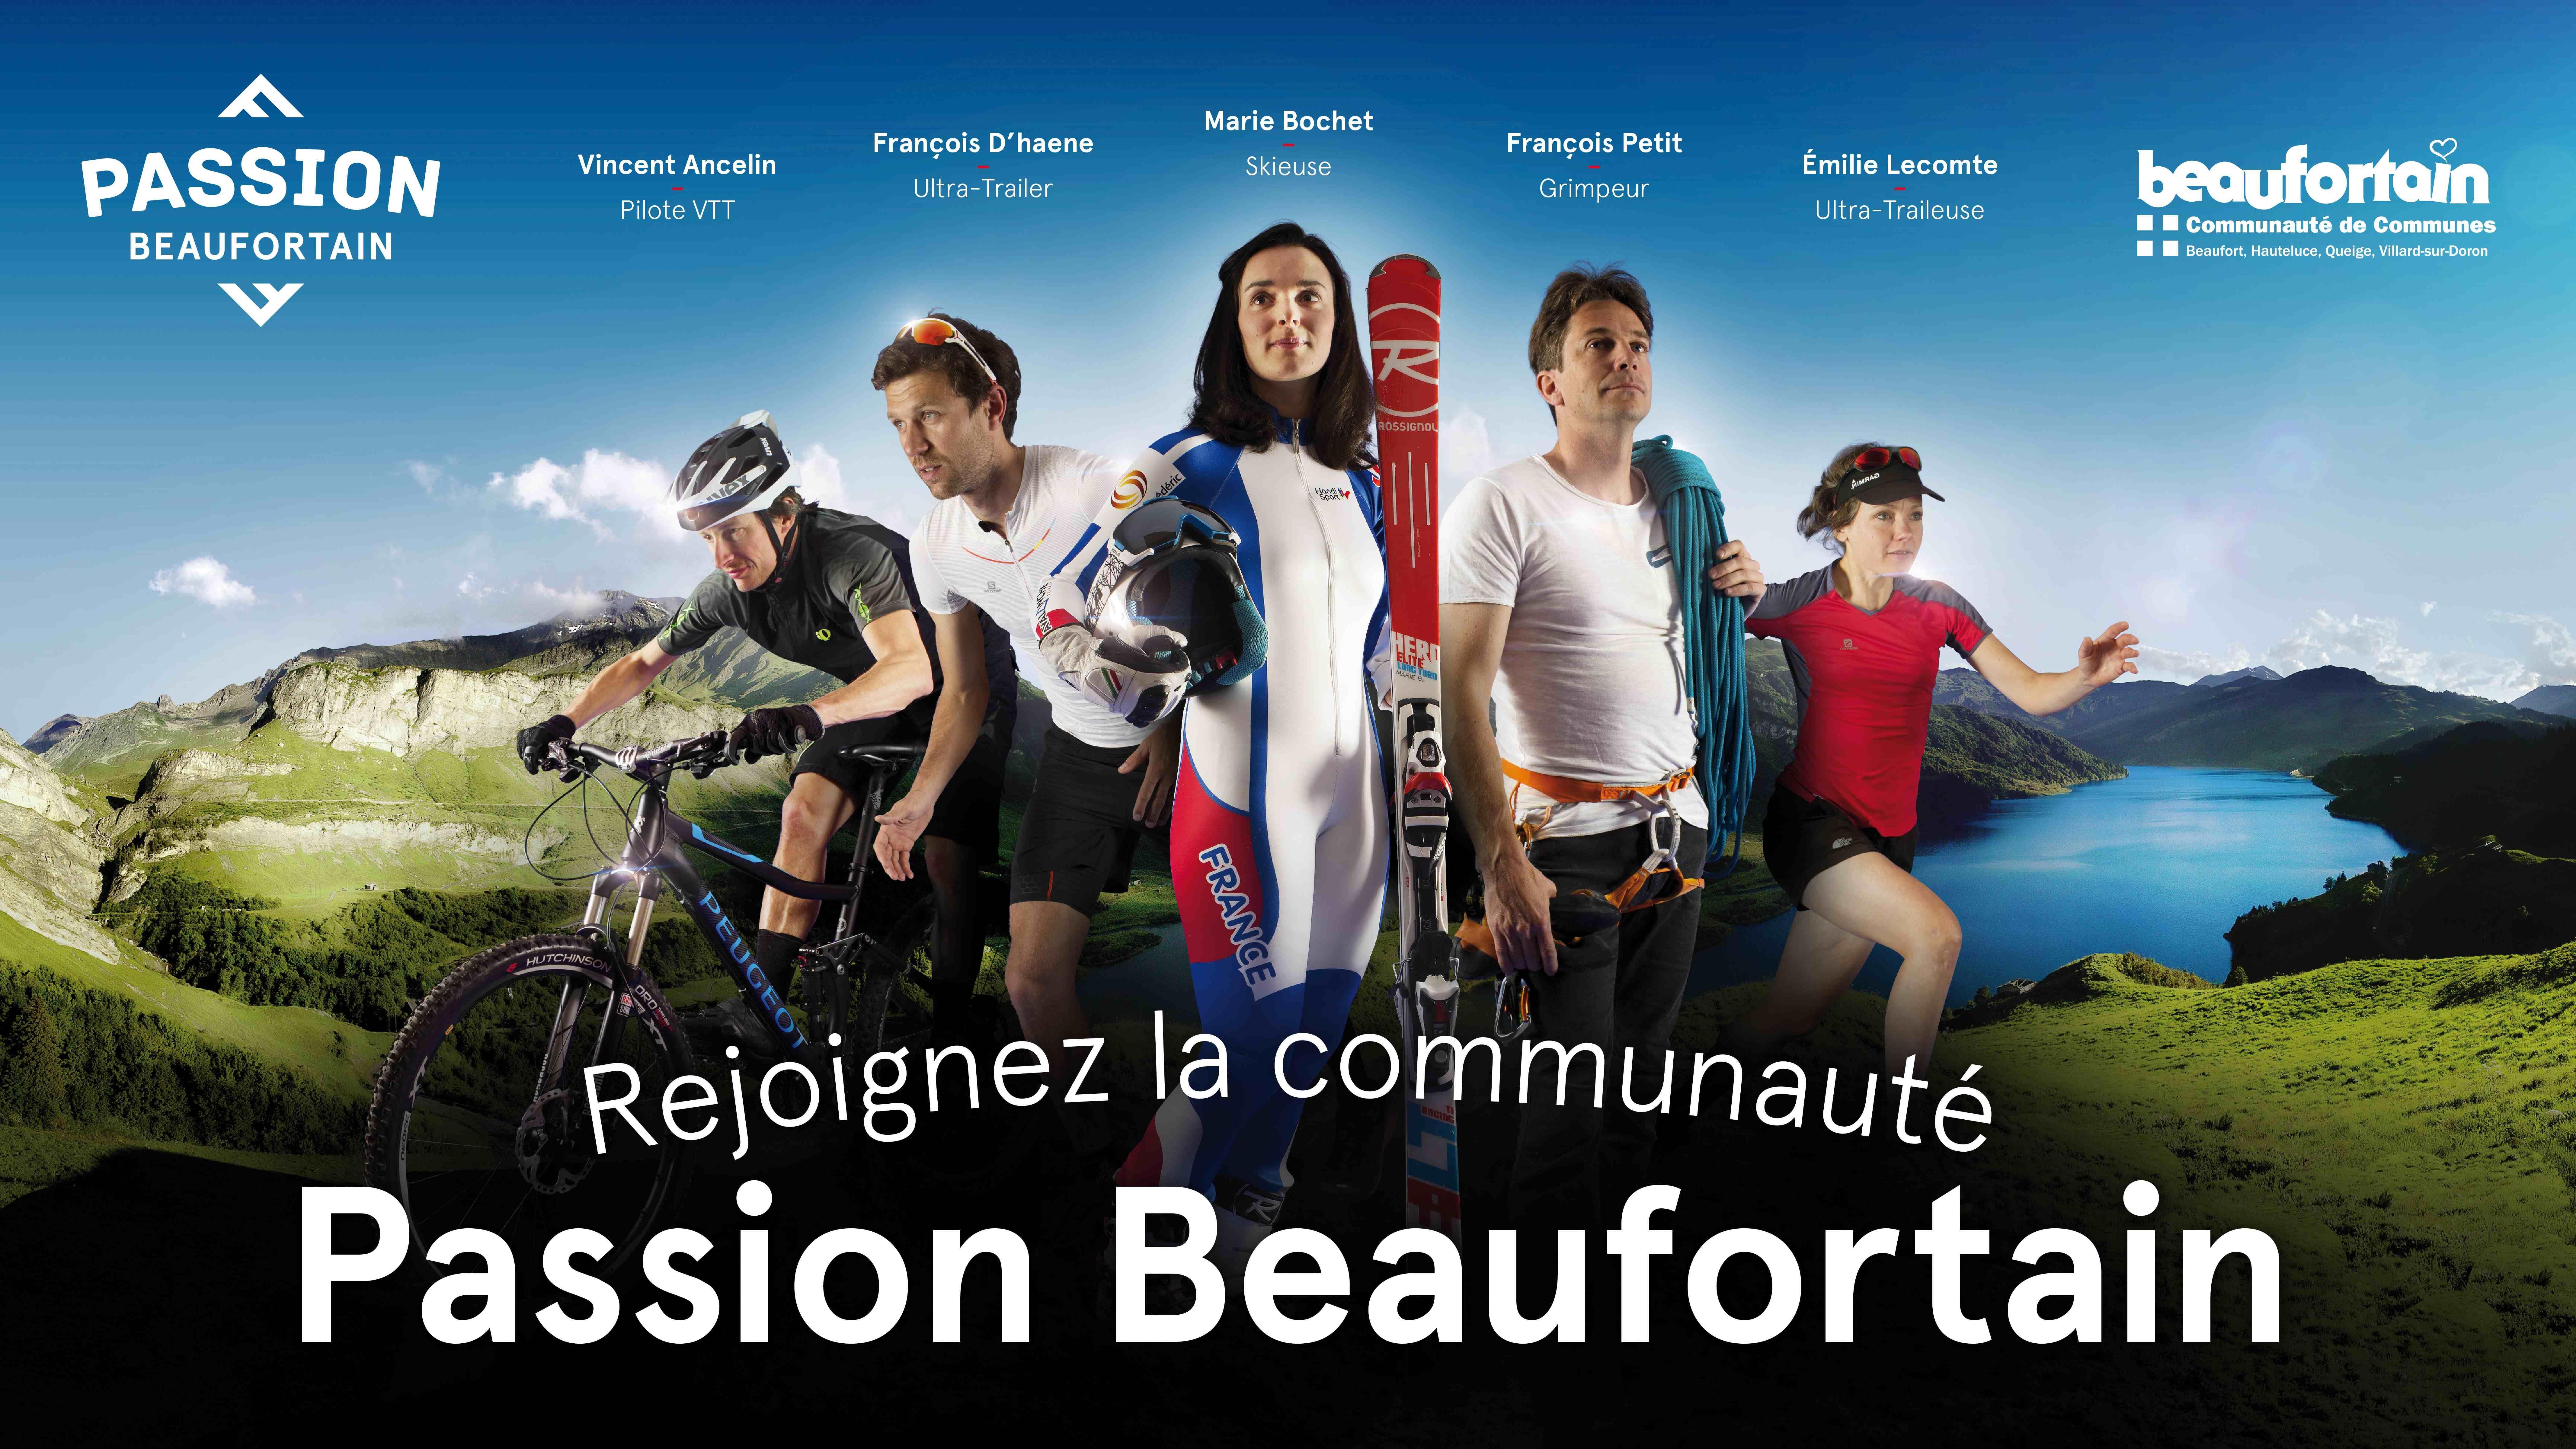 Cet été, suivez nos 5 ambassadeurs à la découverte du Beaufortain !